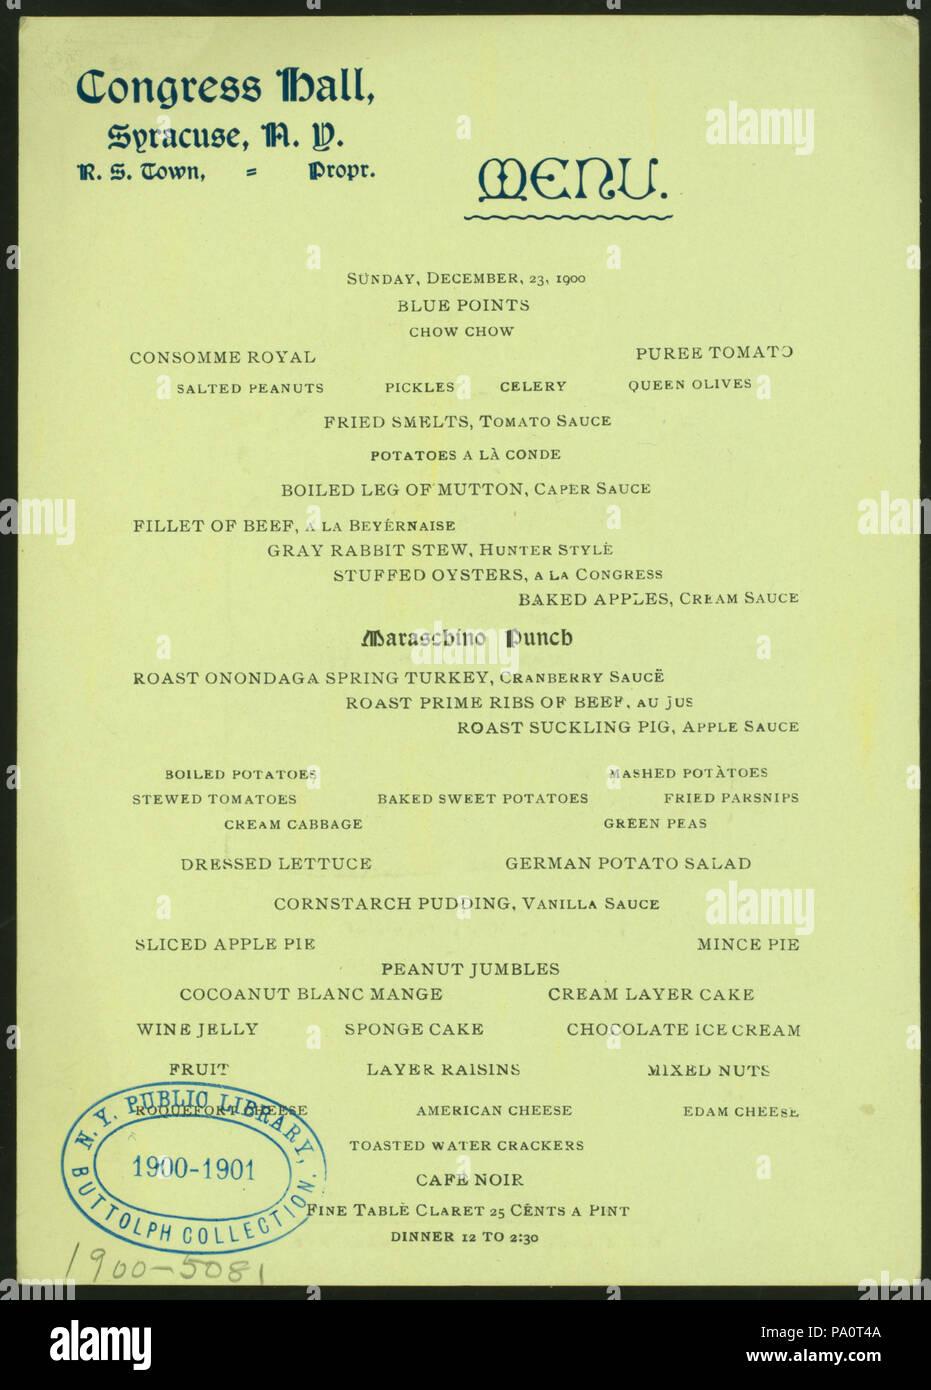 538 DINNER (held by) CONGRESS HALL (at) SYRACUSE NY (HOTEL;) (NYPL Hades-275227-476326) - Stock Image